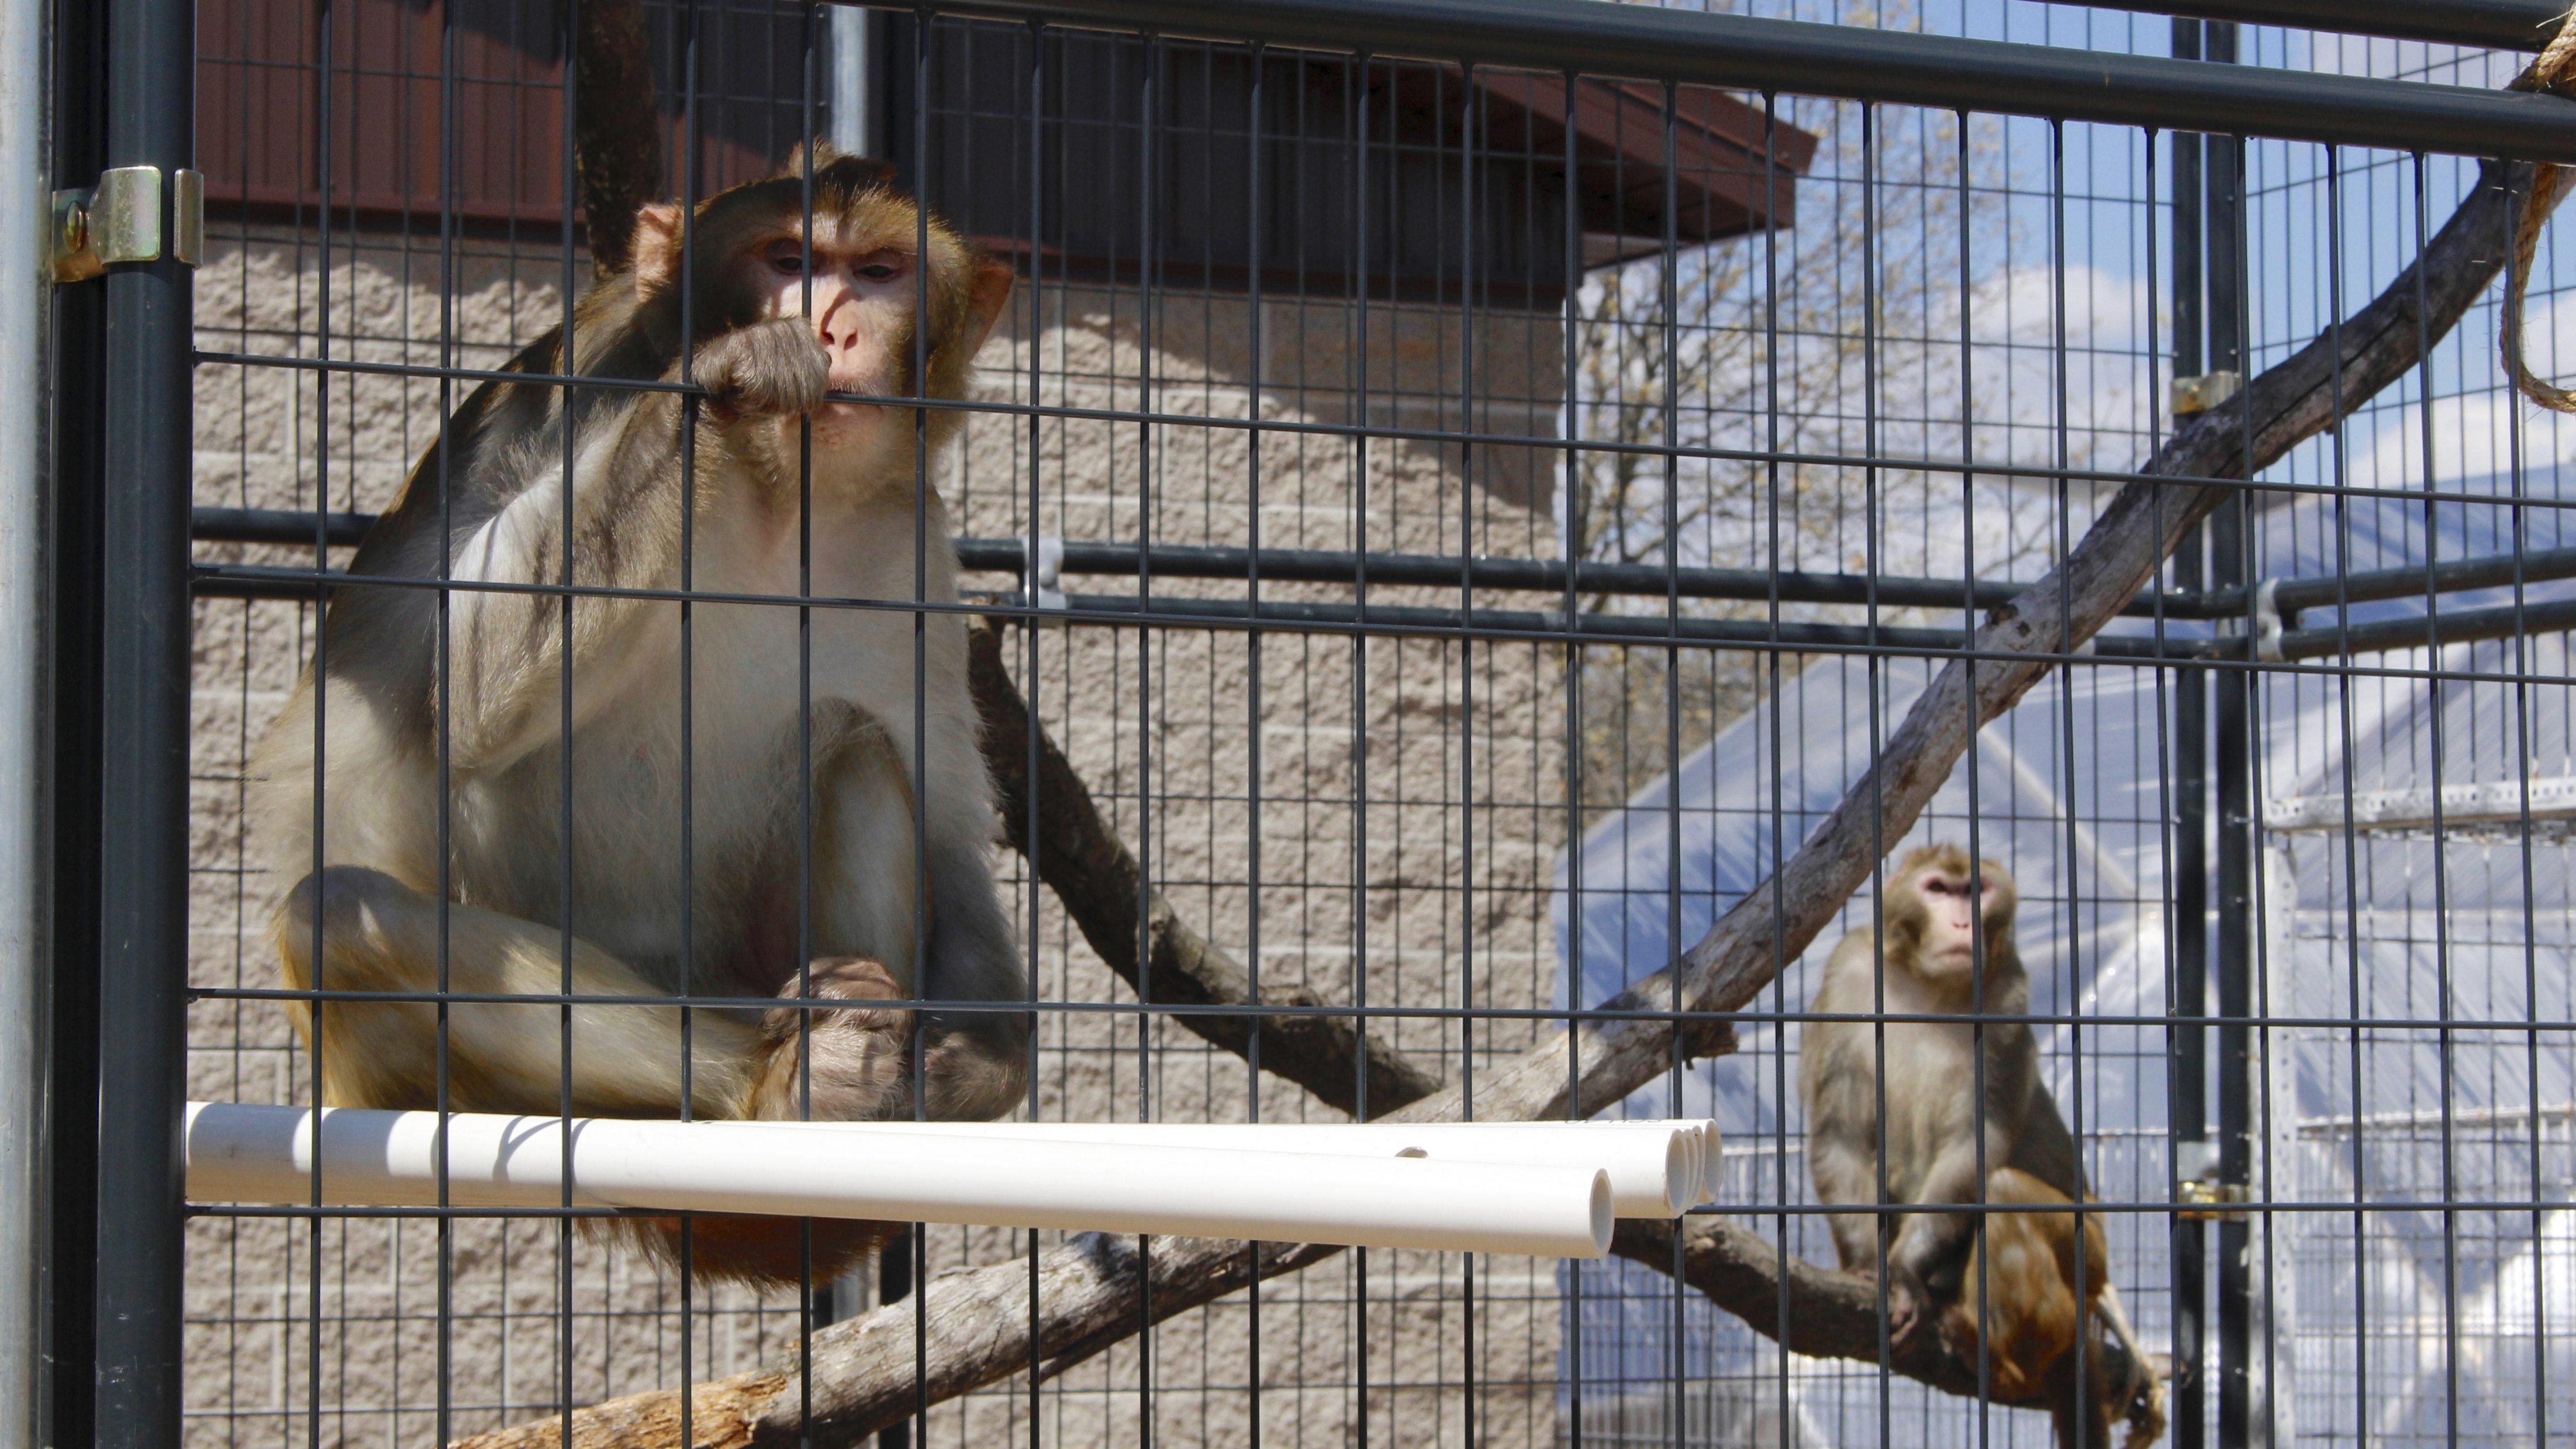 Lab monkeys in Wisconsin